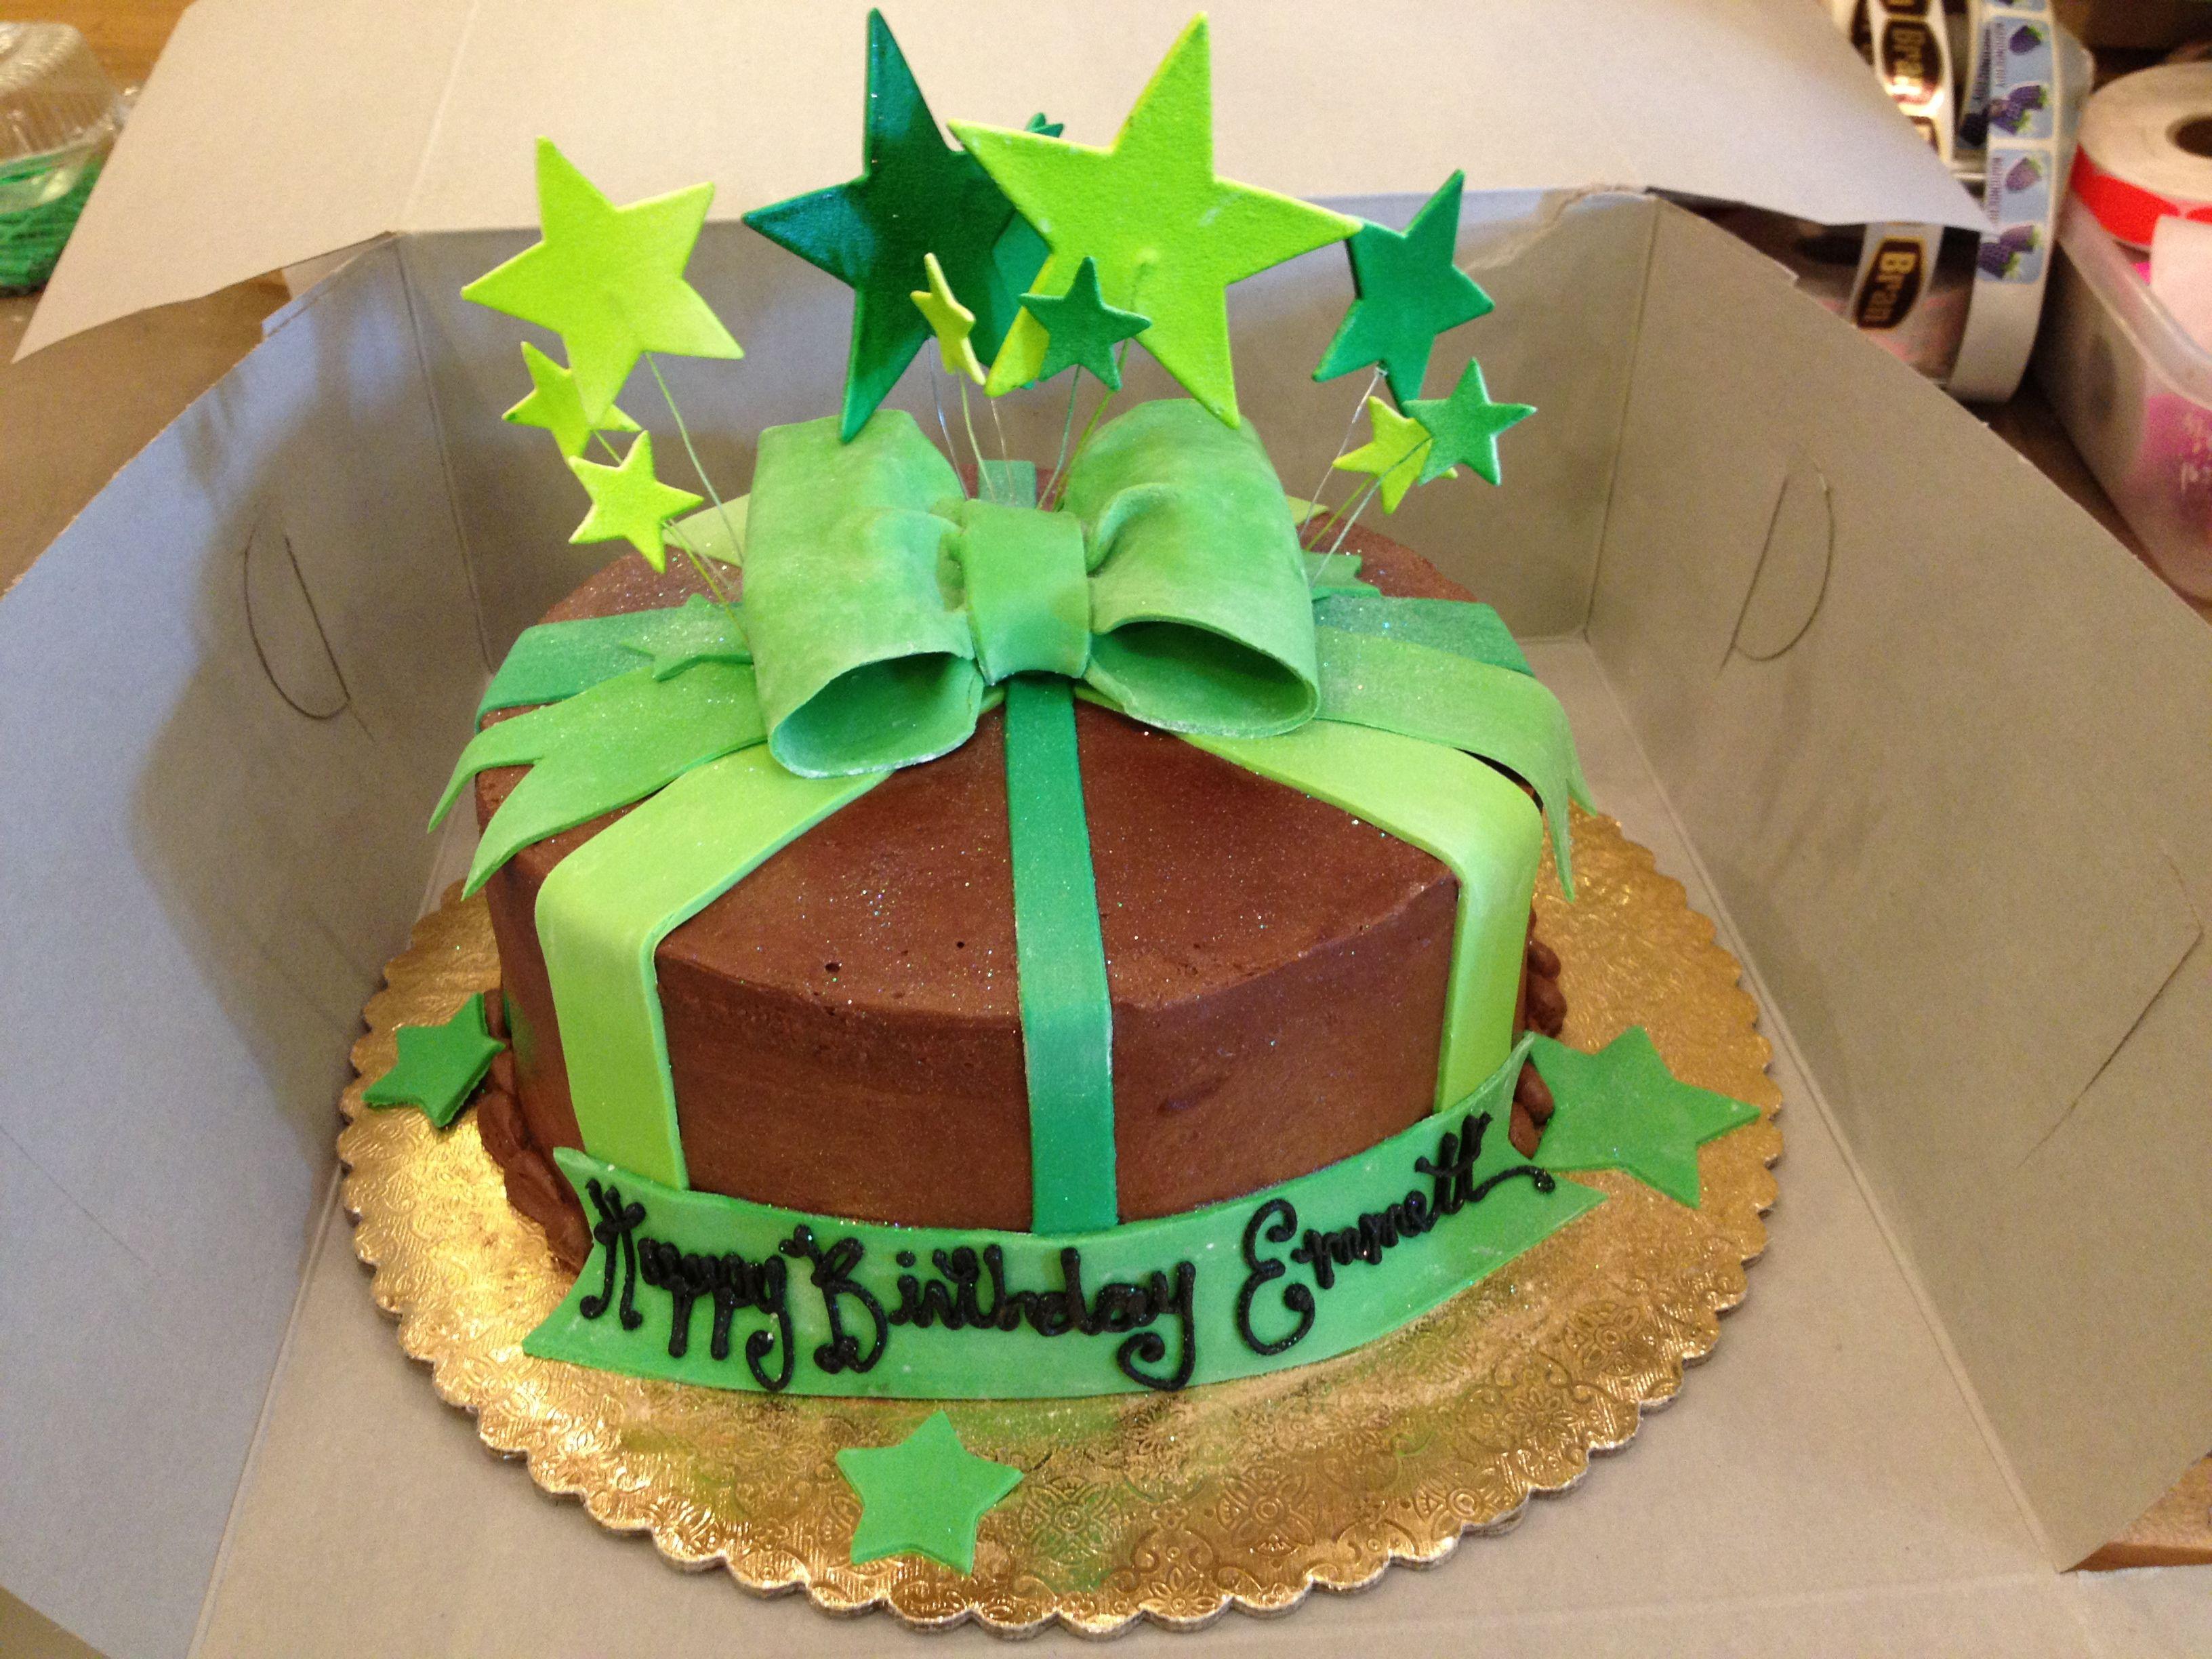 Madison Park Bakery-206.322.3238 | 4214 east madison st., seattle, wa 98112 | cakes@madisonparkbakery.com| Twitter @MadisonParkBkry